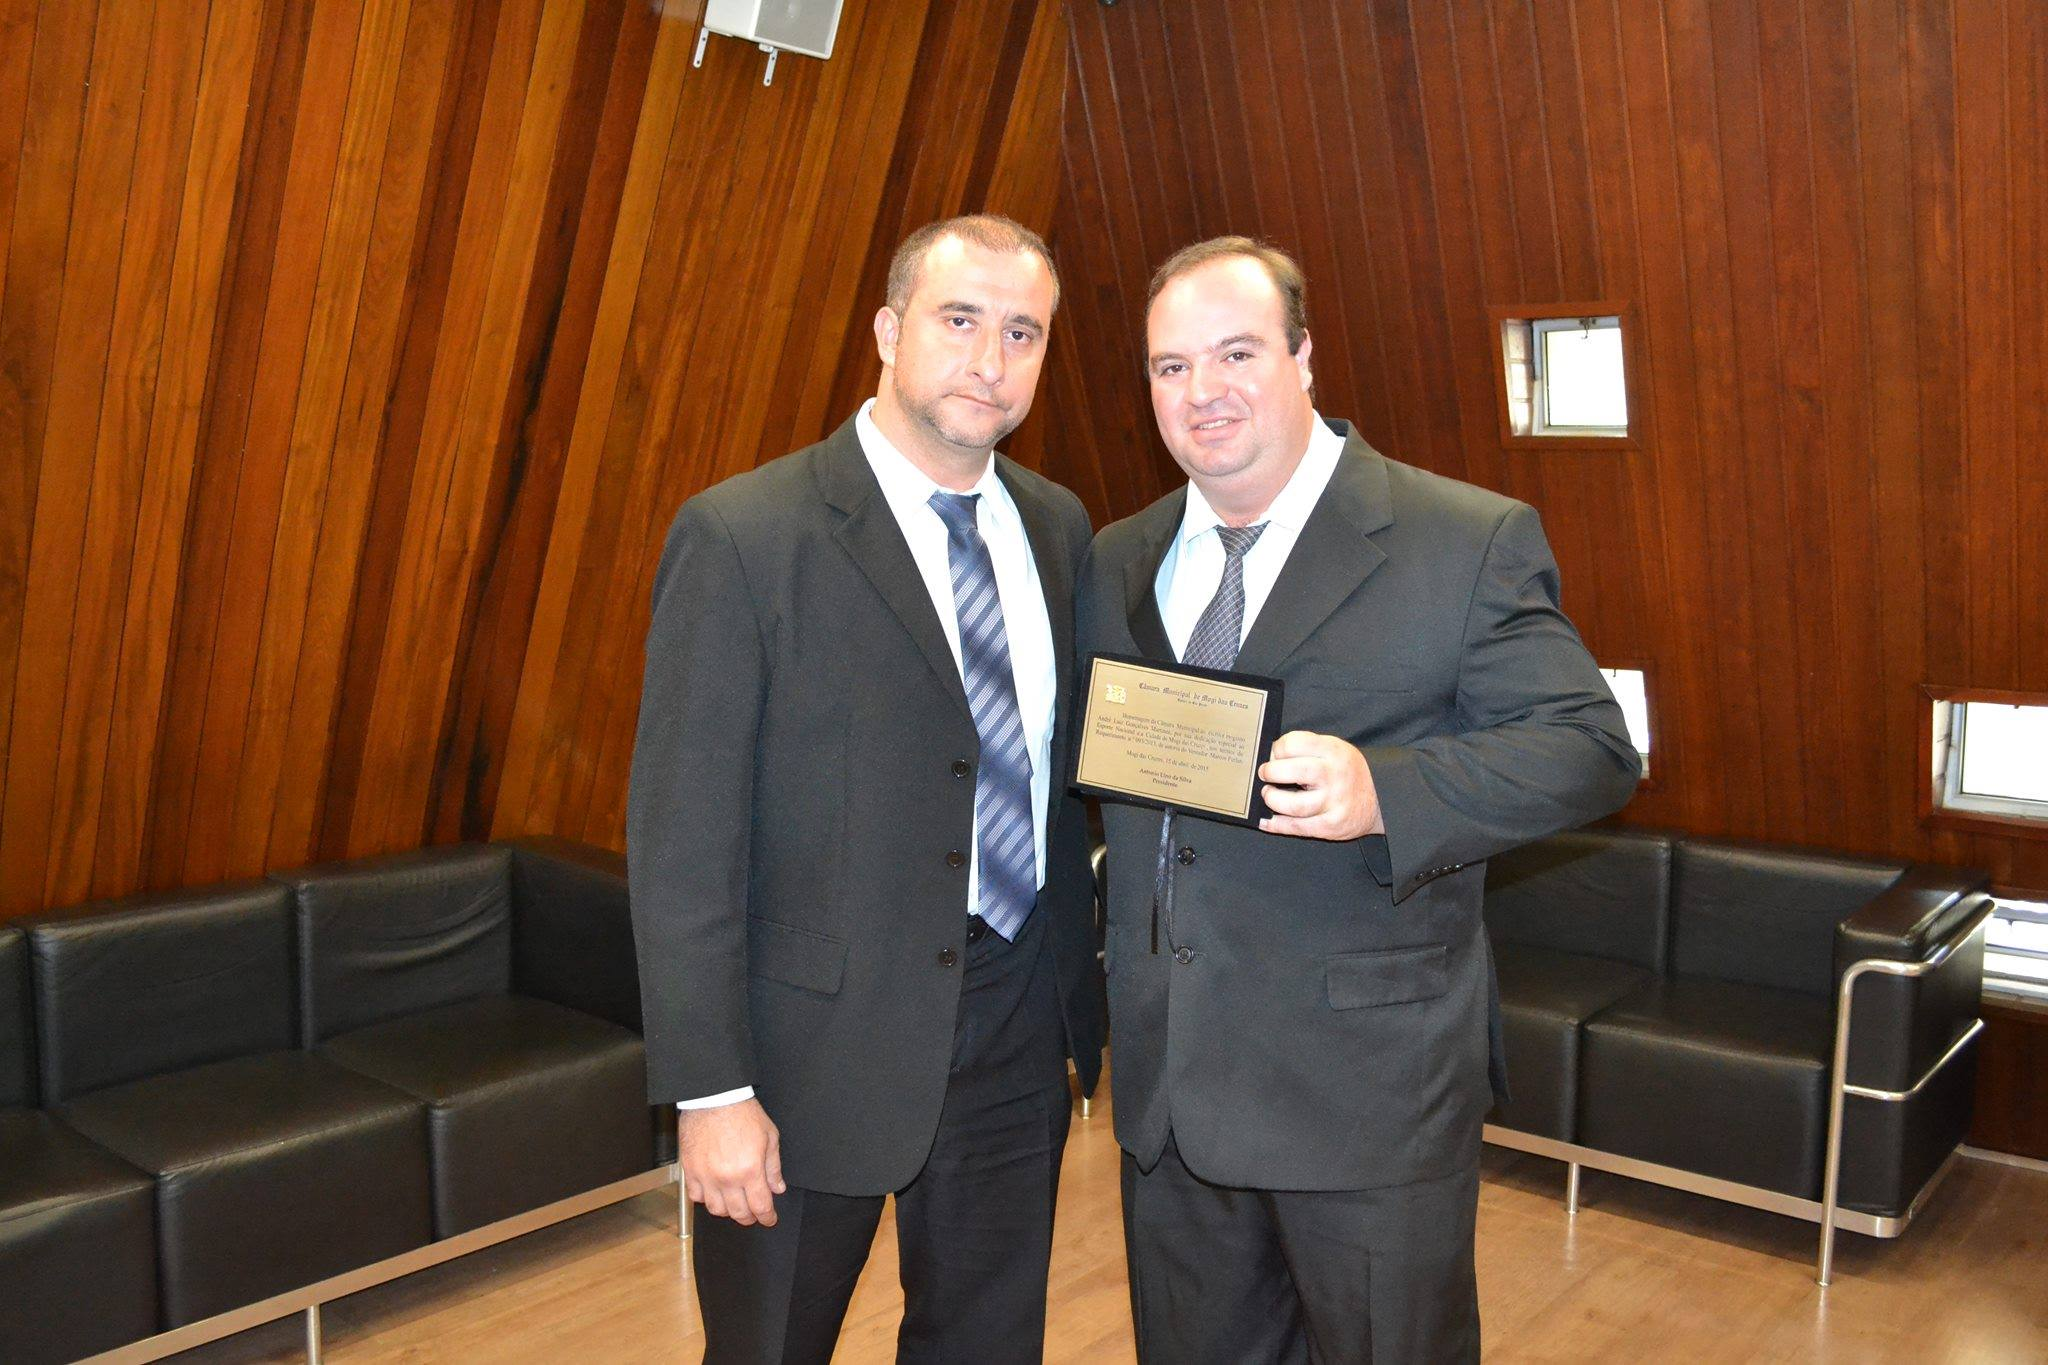 Foto sobre mocao de palmas, a legenda sera Marcos Furlan e Andre Martinez na entrega da placa de prata